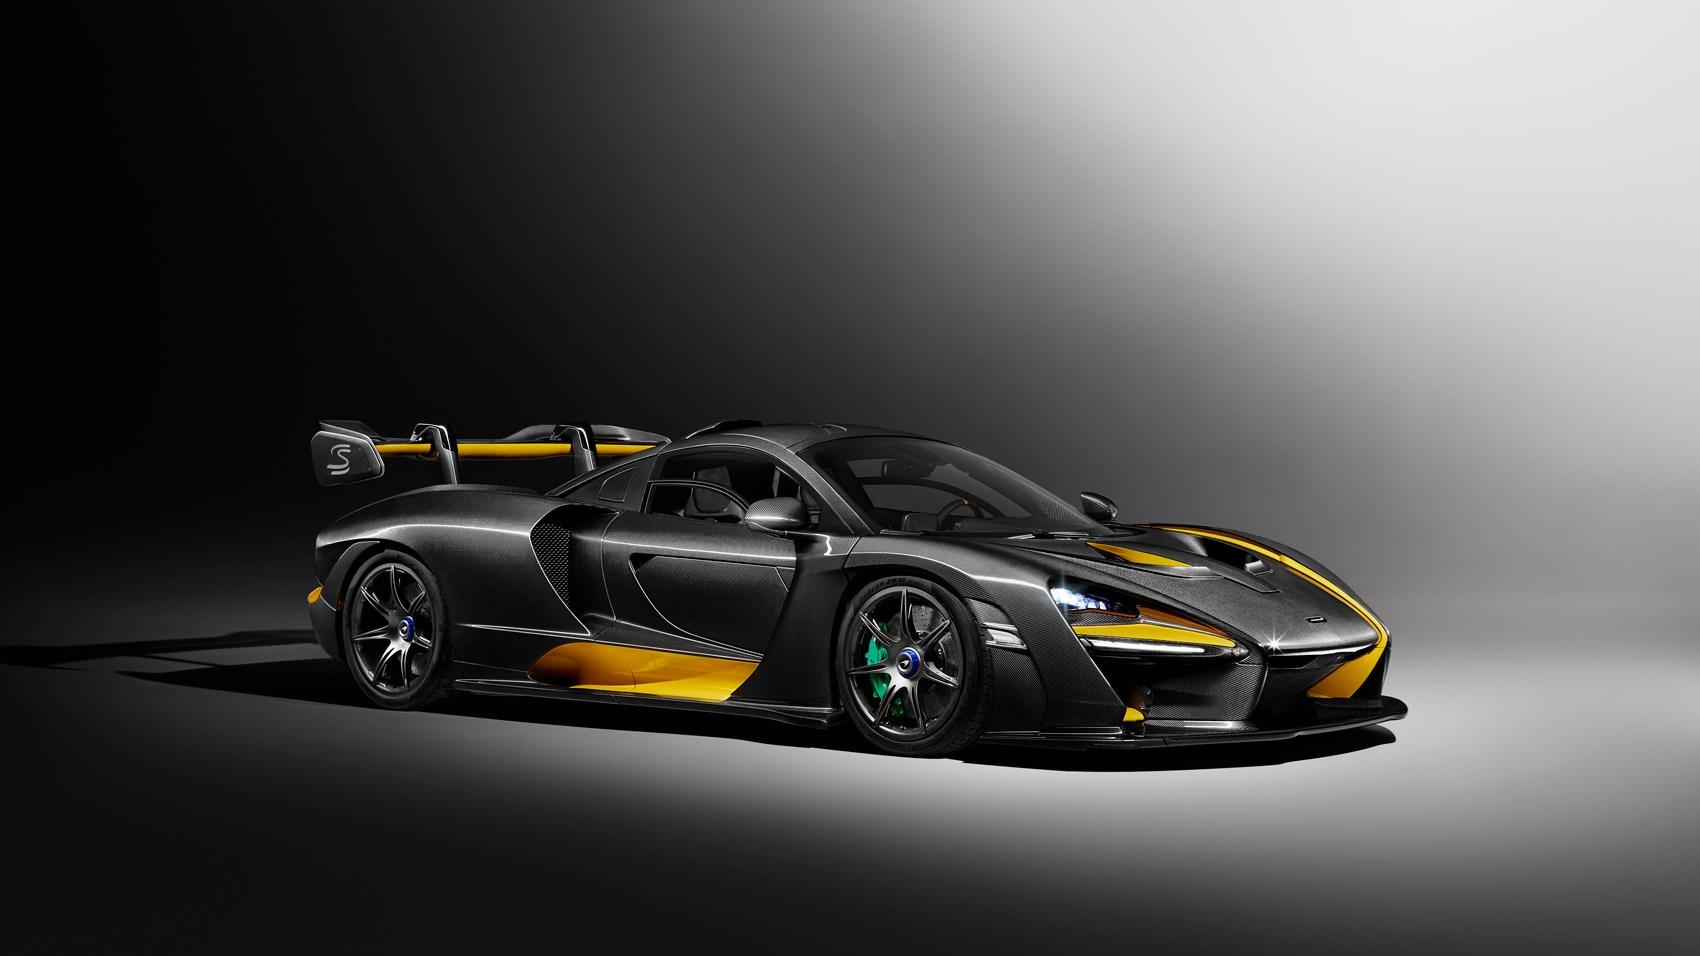 Mclaren Senna Mso Unveils Extreme Carbon Theme